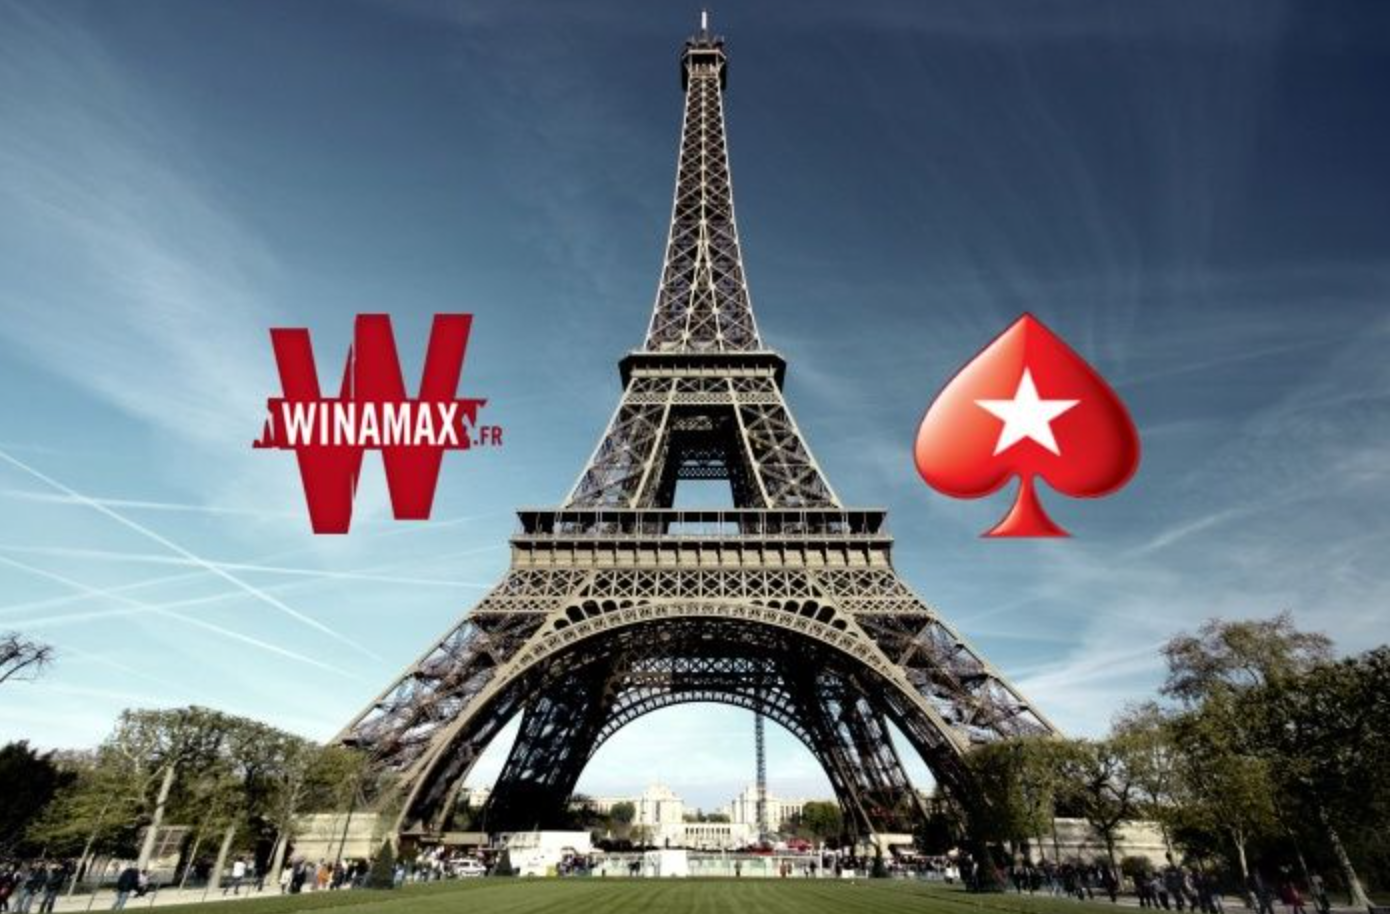 Les activités offertes par Winamax France